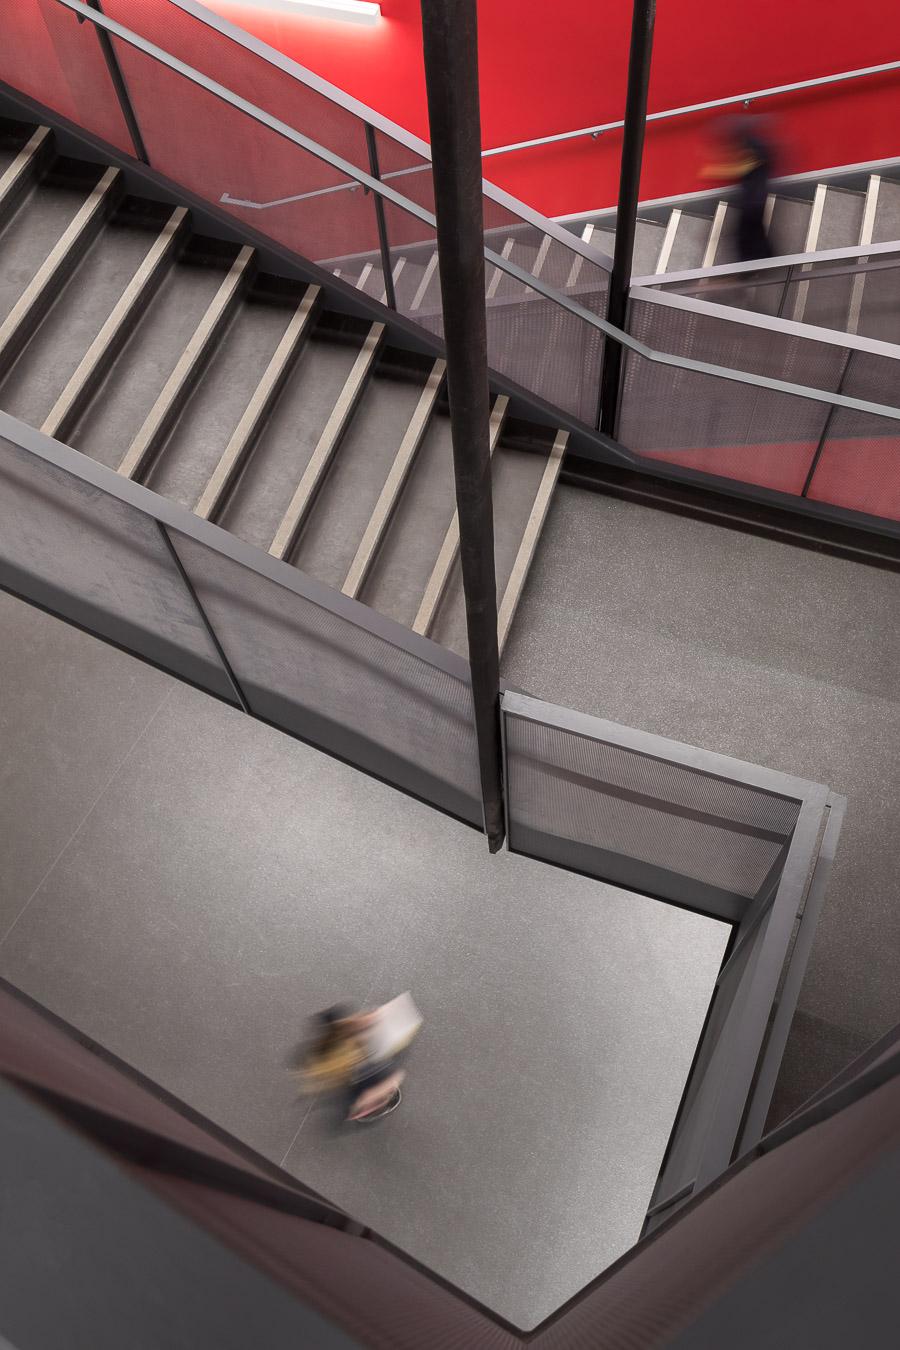 108-Zeidler Ryerson School of Performance-Edit.jpg